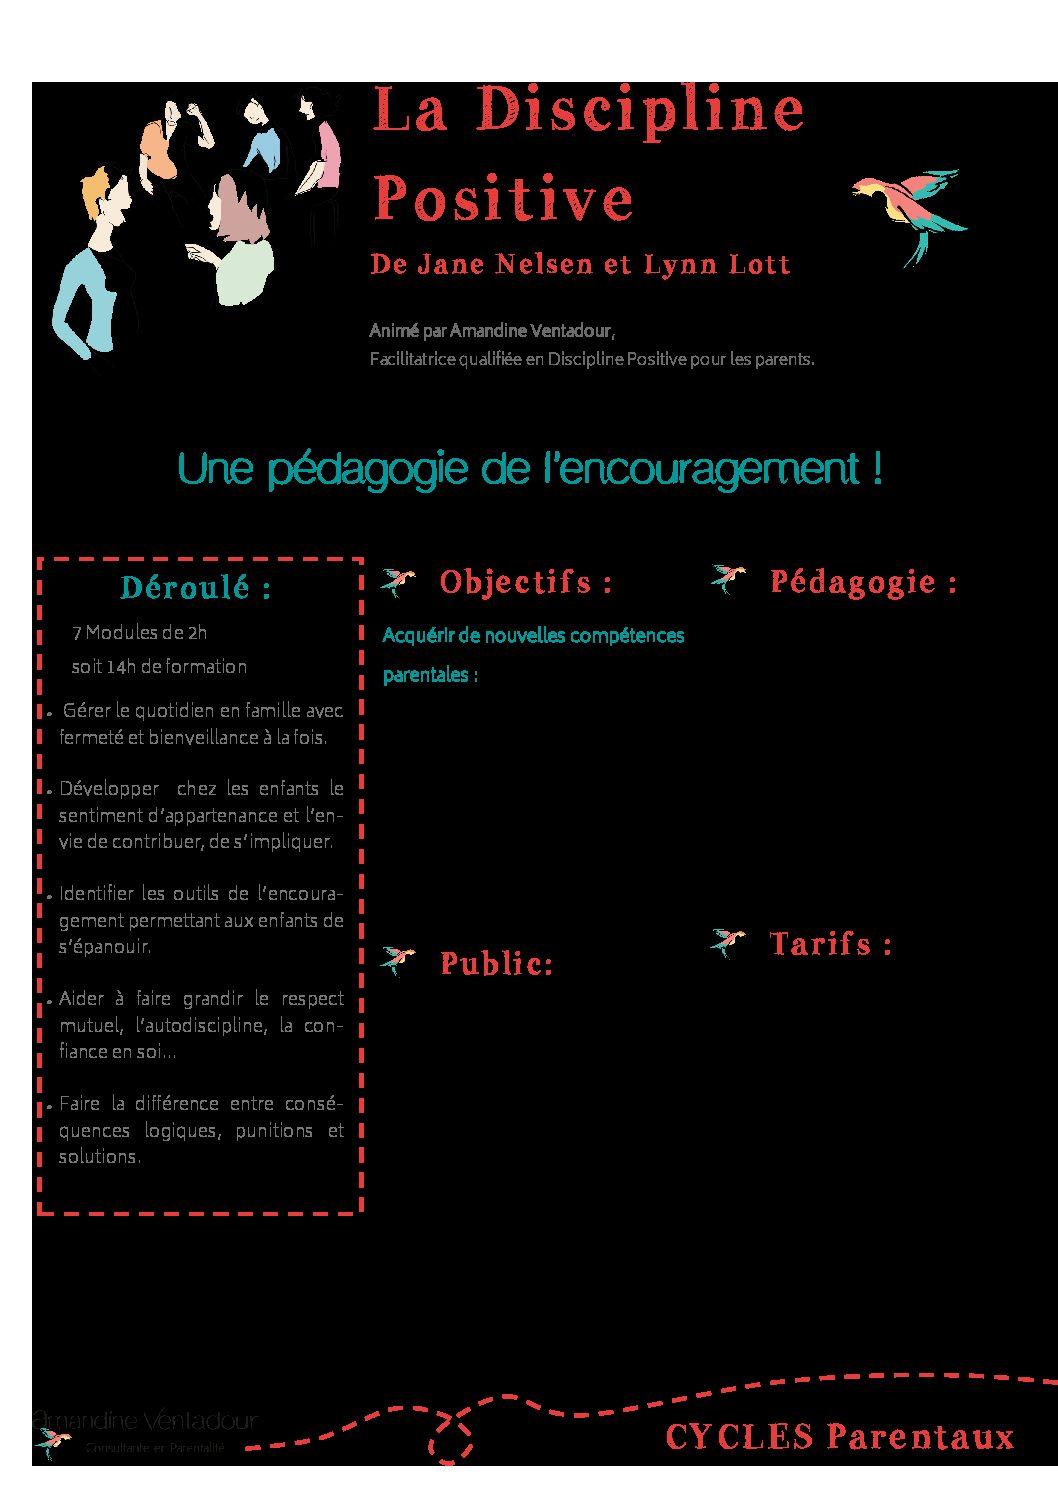 Amandine Ventadour consultante en parentalité - cycle DP v2